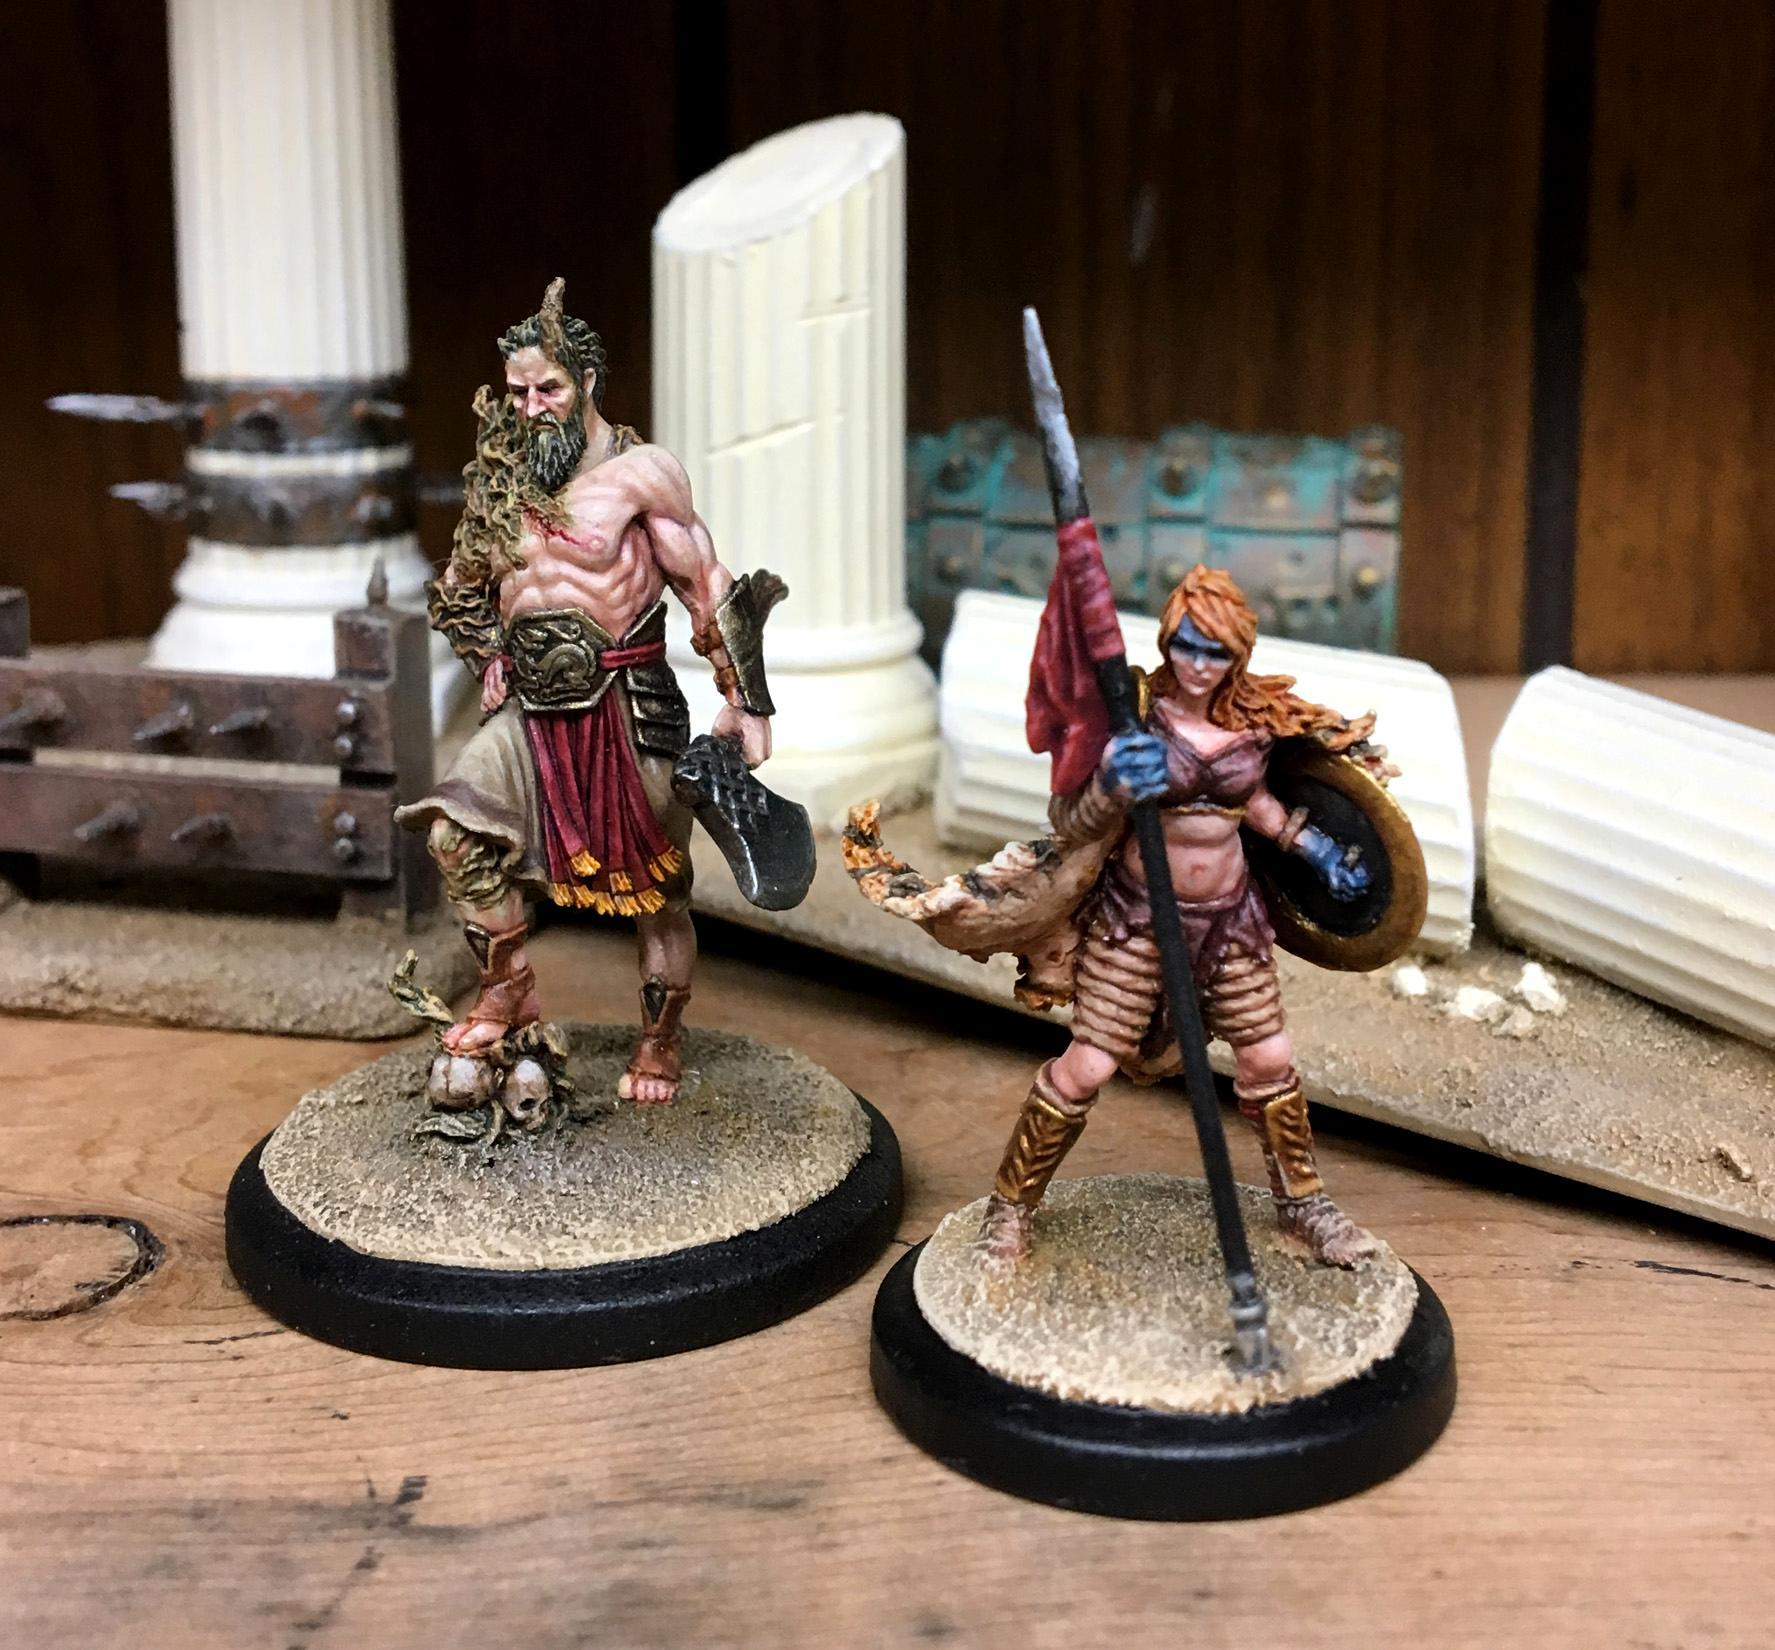 Aemilia, Gladiator, Legio 13, Legion, Red Republic Games, Romans, Rrg, Warpaint, Woad, Xiii